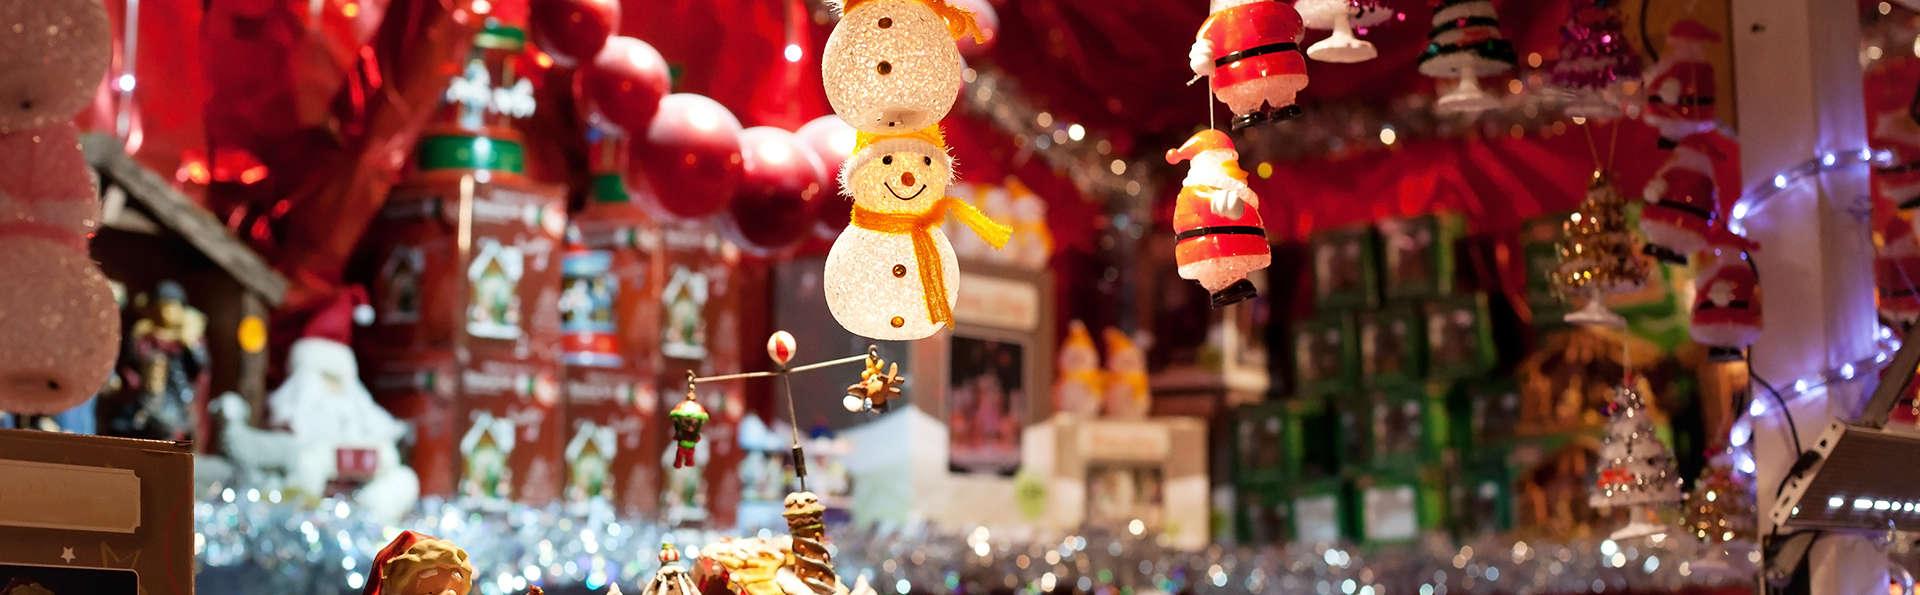 Découvrez les marchés de Noël de Monschau et bénéficiez d'un massage sublime (2 nuits)